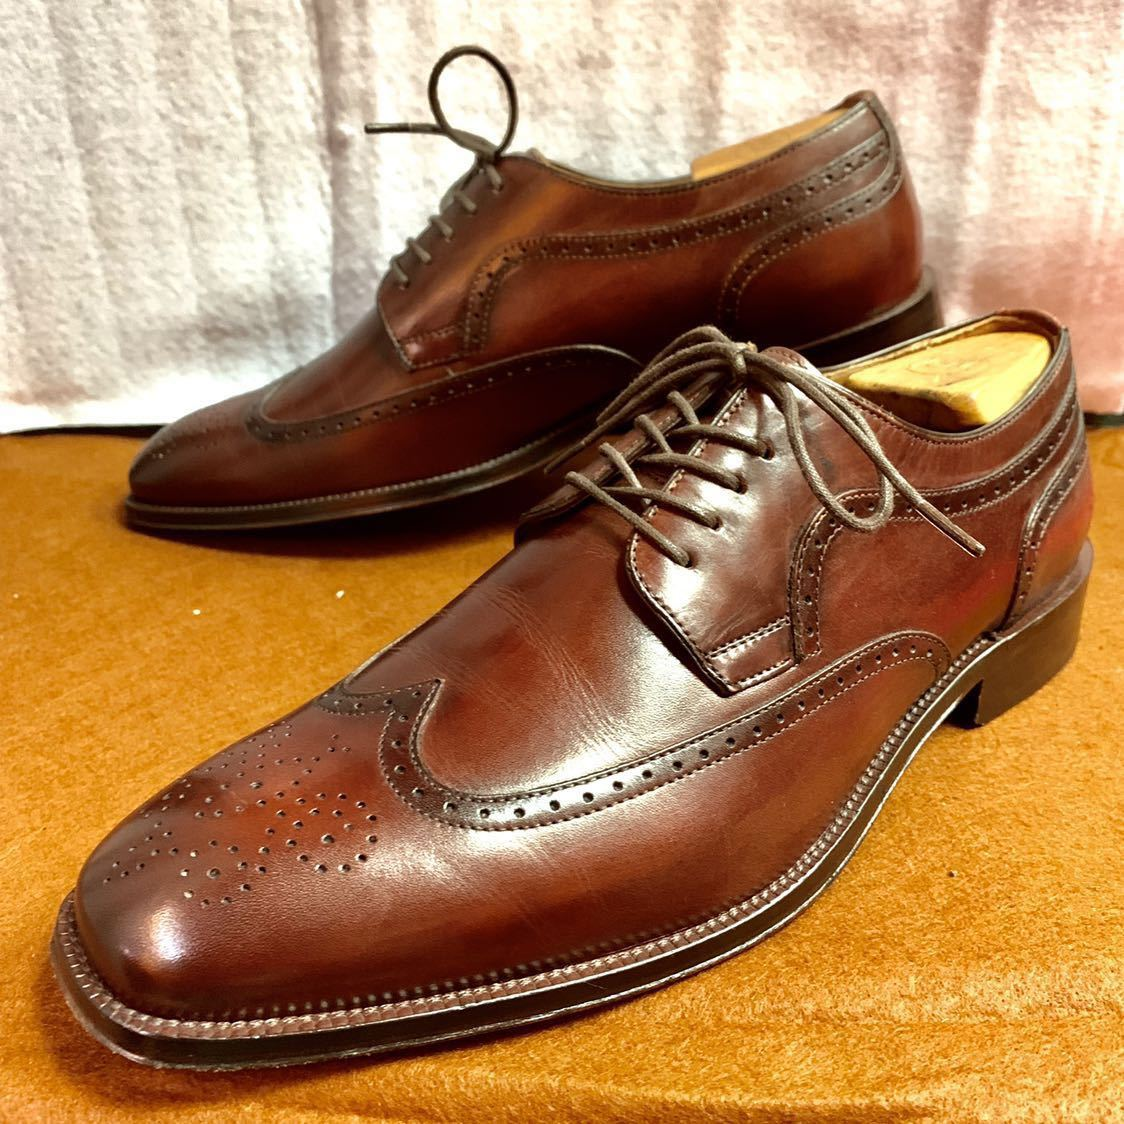 【未使用品】Johnston&Murphy ジョンストン&マーフィー ウイングチップ US 9 M 27cm相応 赤茶 革靴 アメリカ靴_画像1